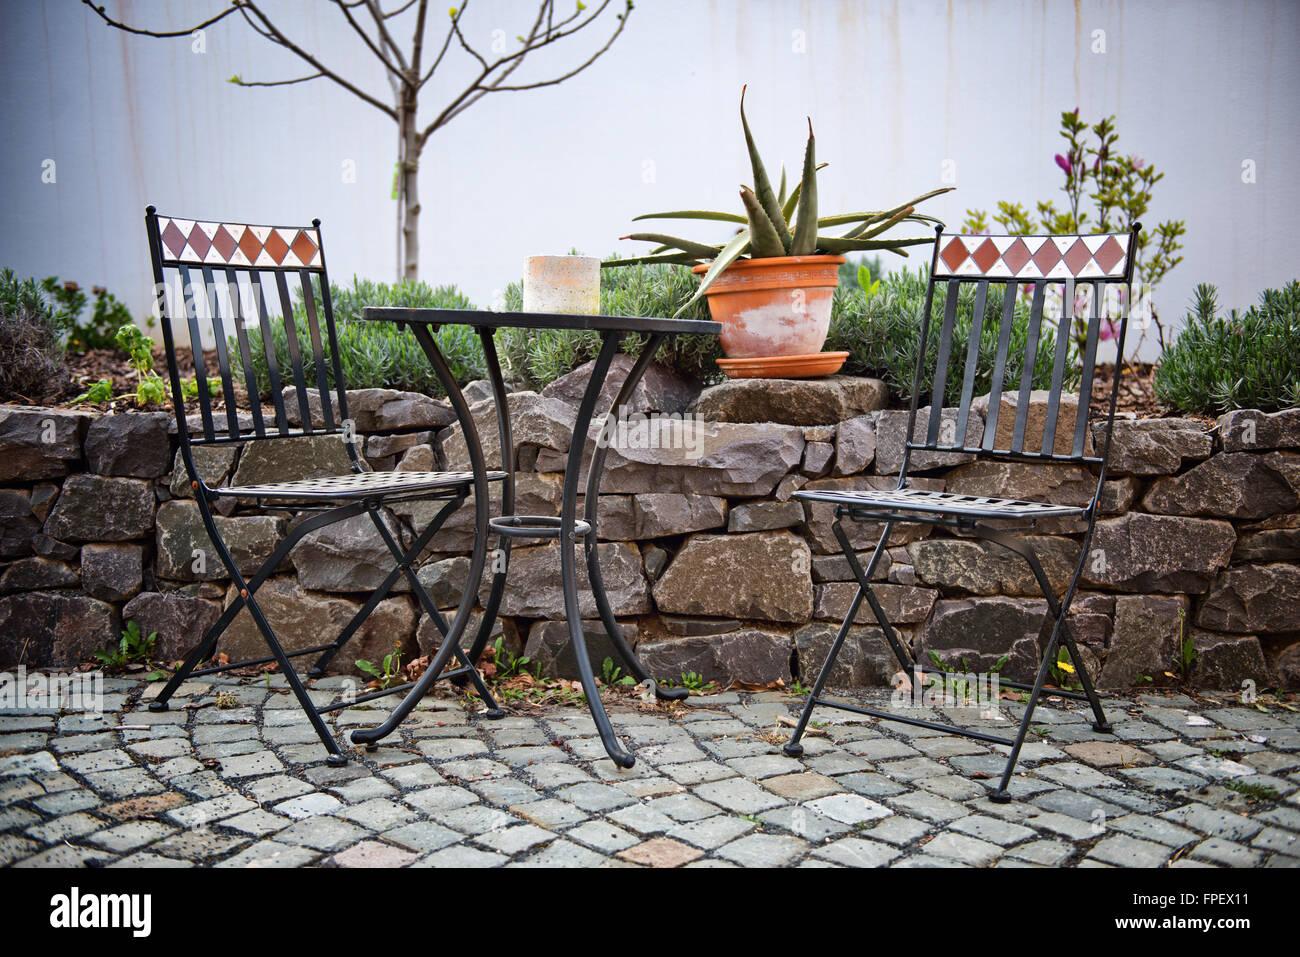 Muebles de jardín de hierro fundido en un patio con una pequeña mesa ...